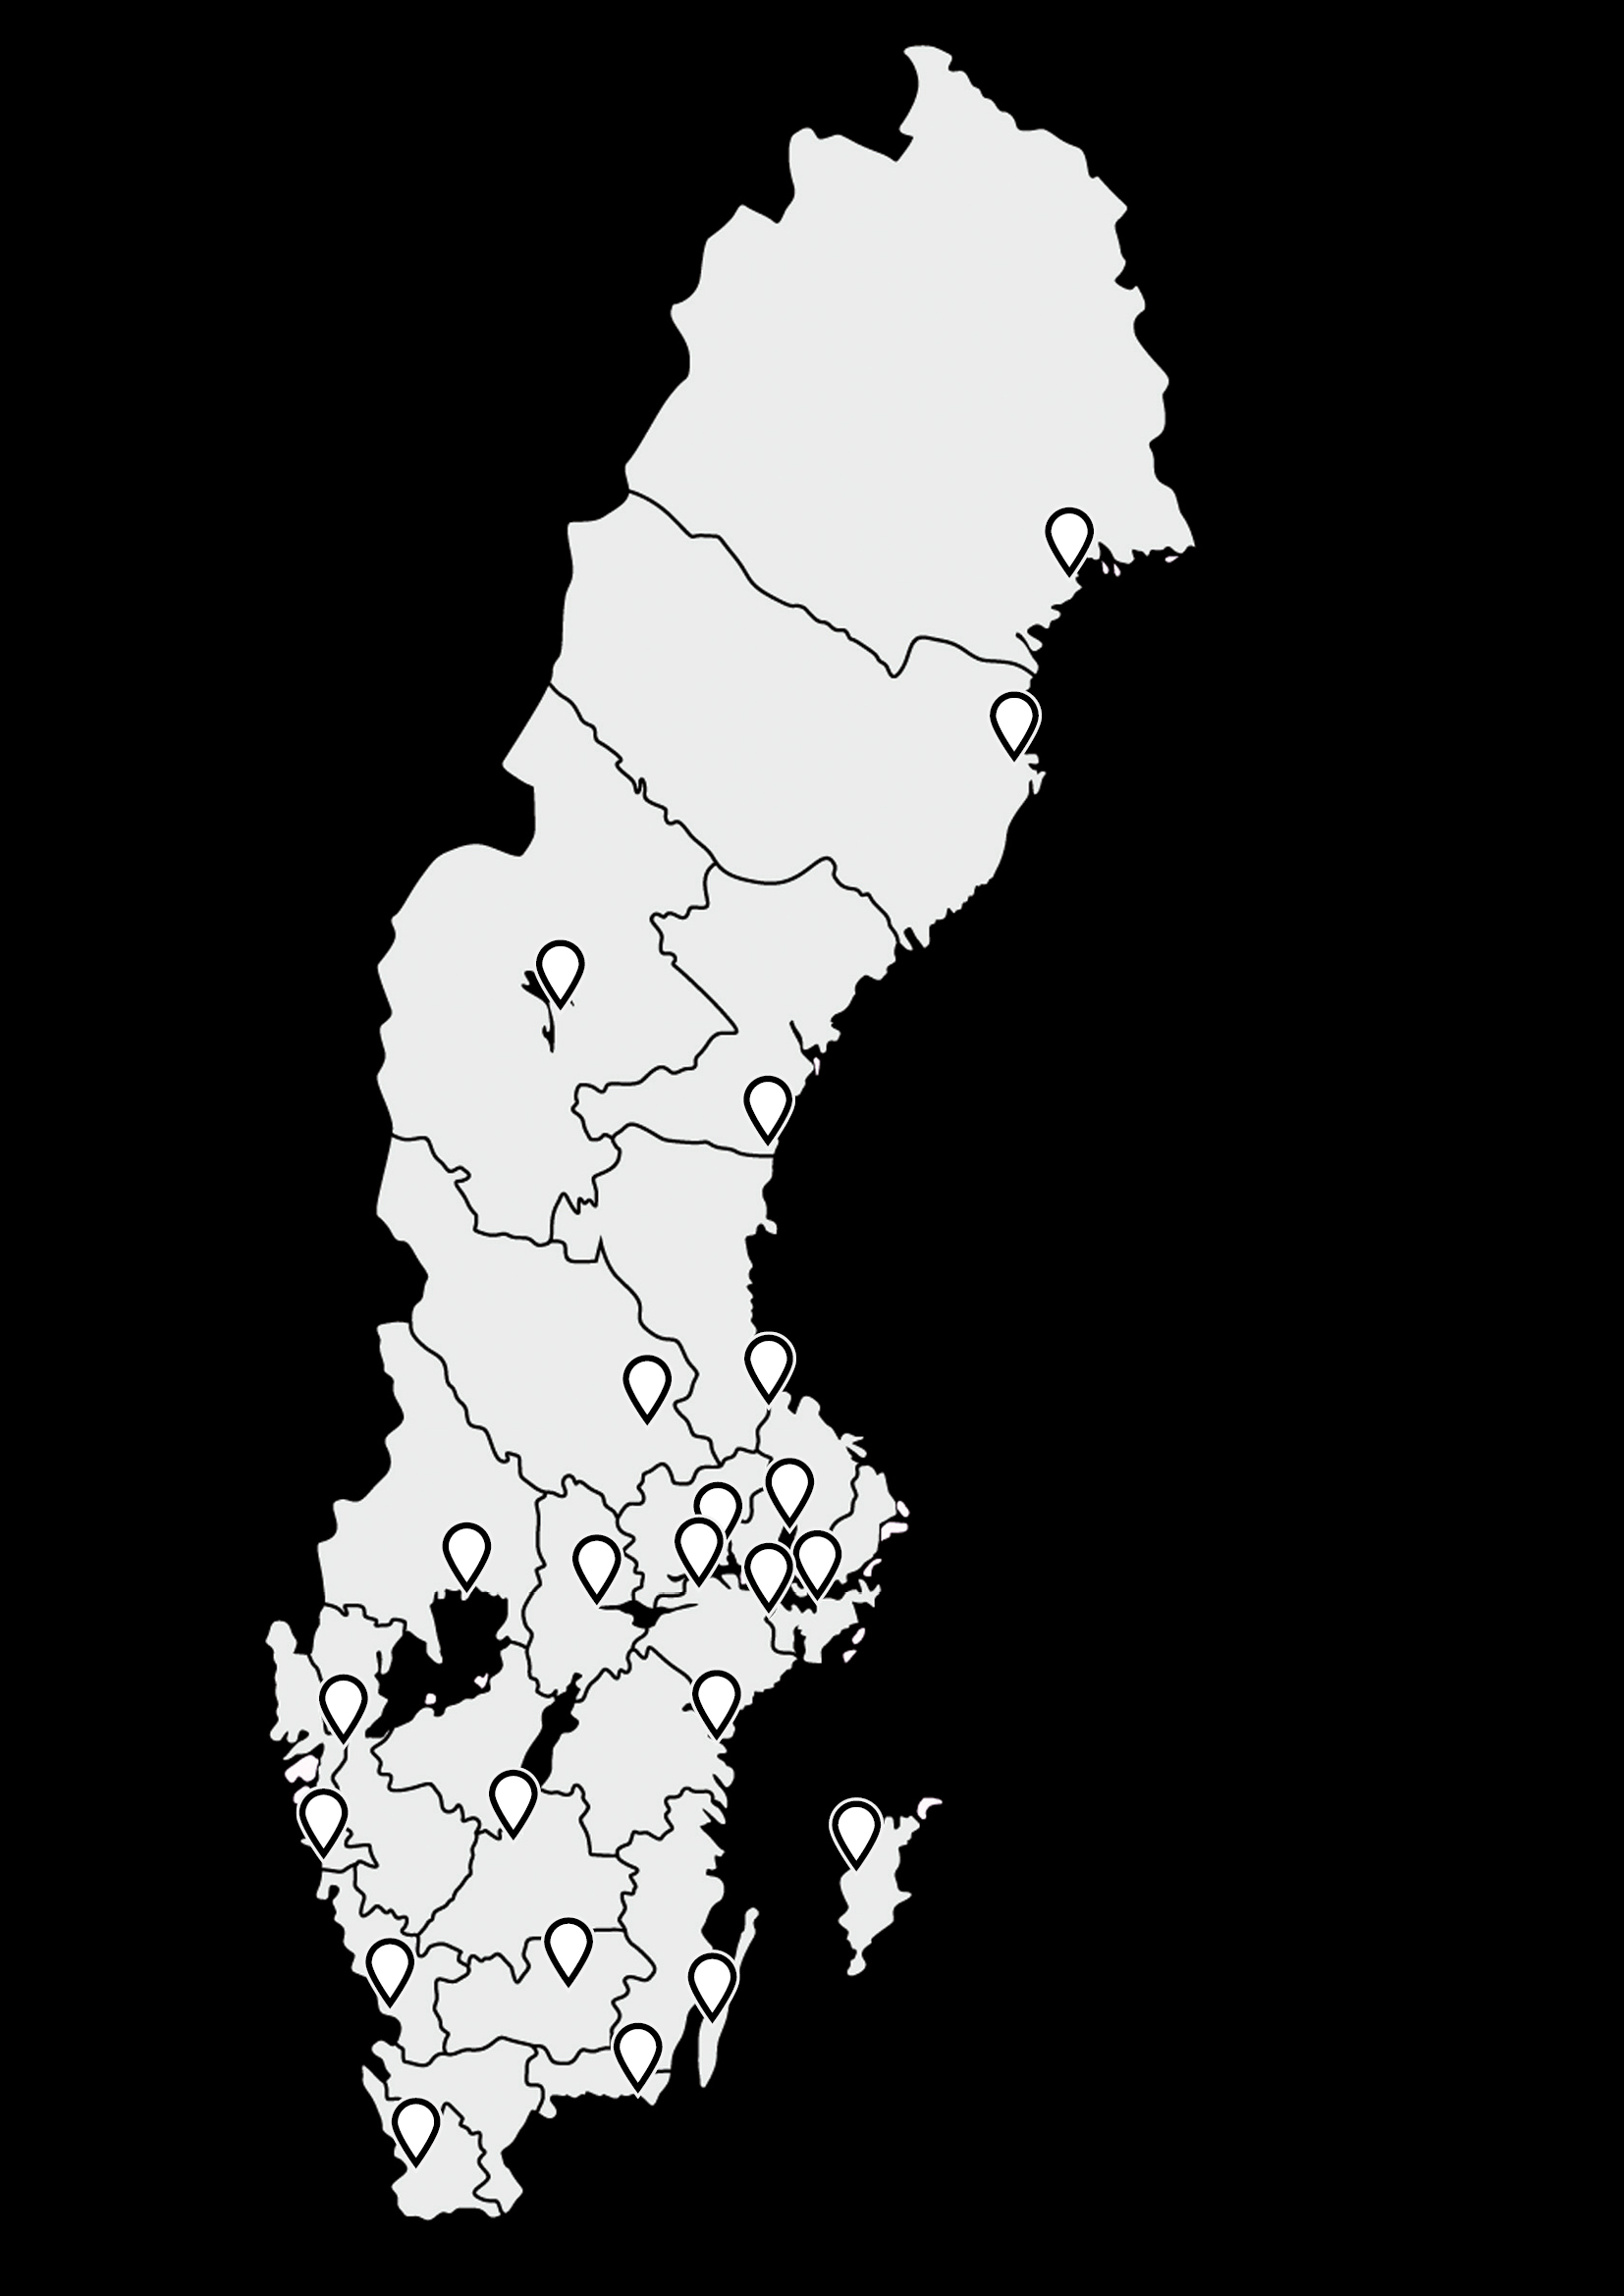 23 kulturministrar bjuder in till samtidiga presskonferenser på gator och torg över hela Sverige den 10 februari